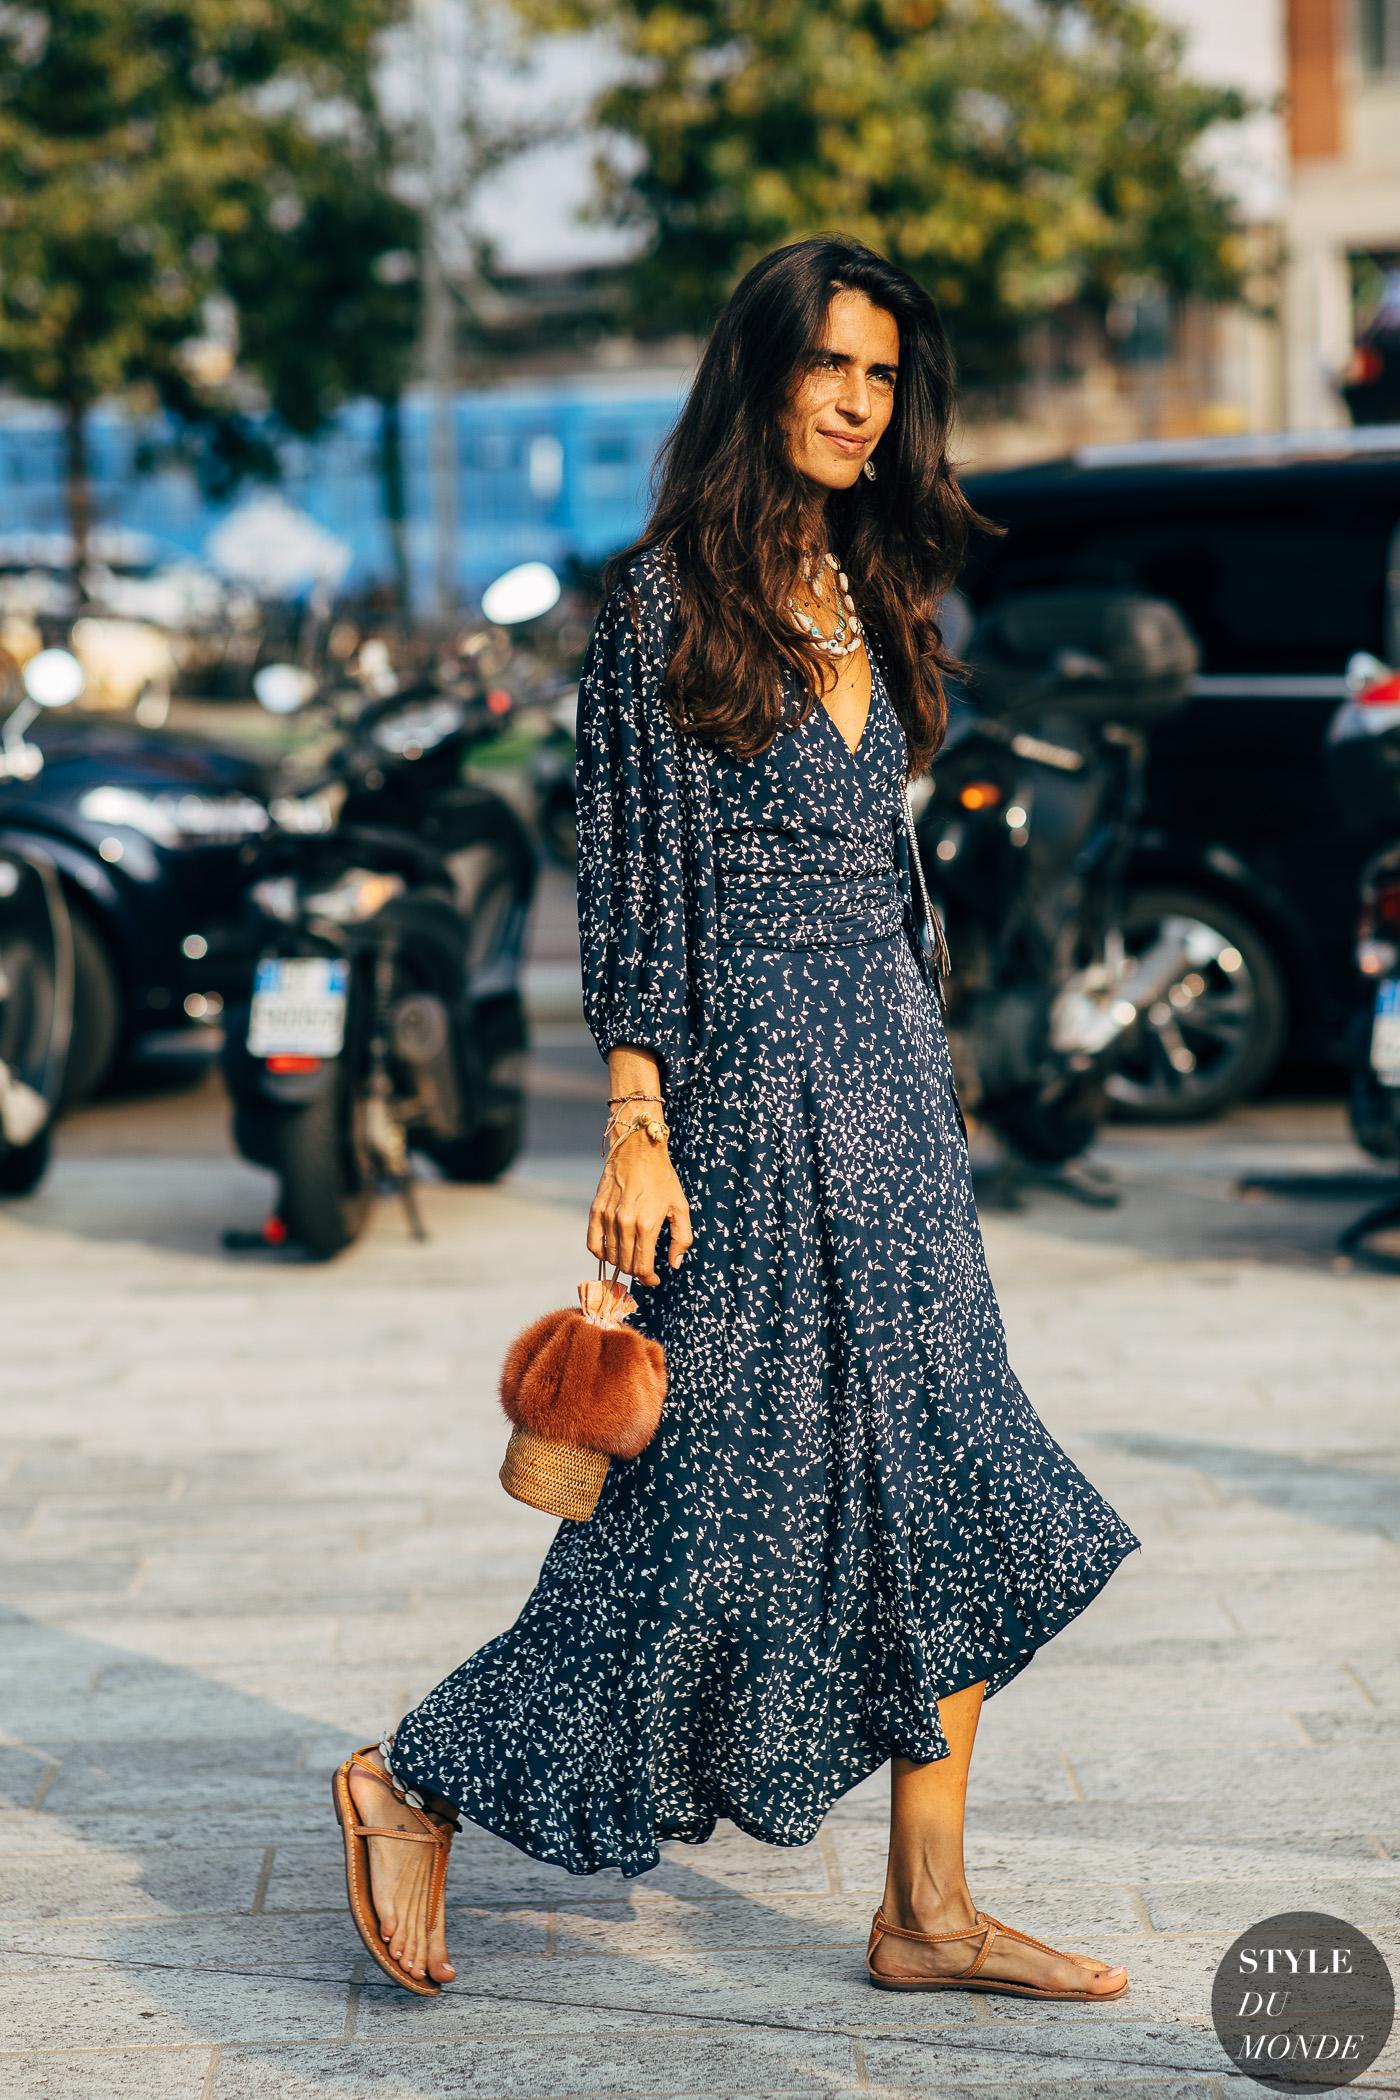 milan ss 2019 street style chiara totire style du monde street style street fashion photos